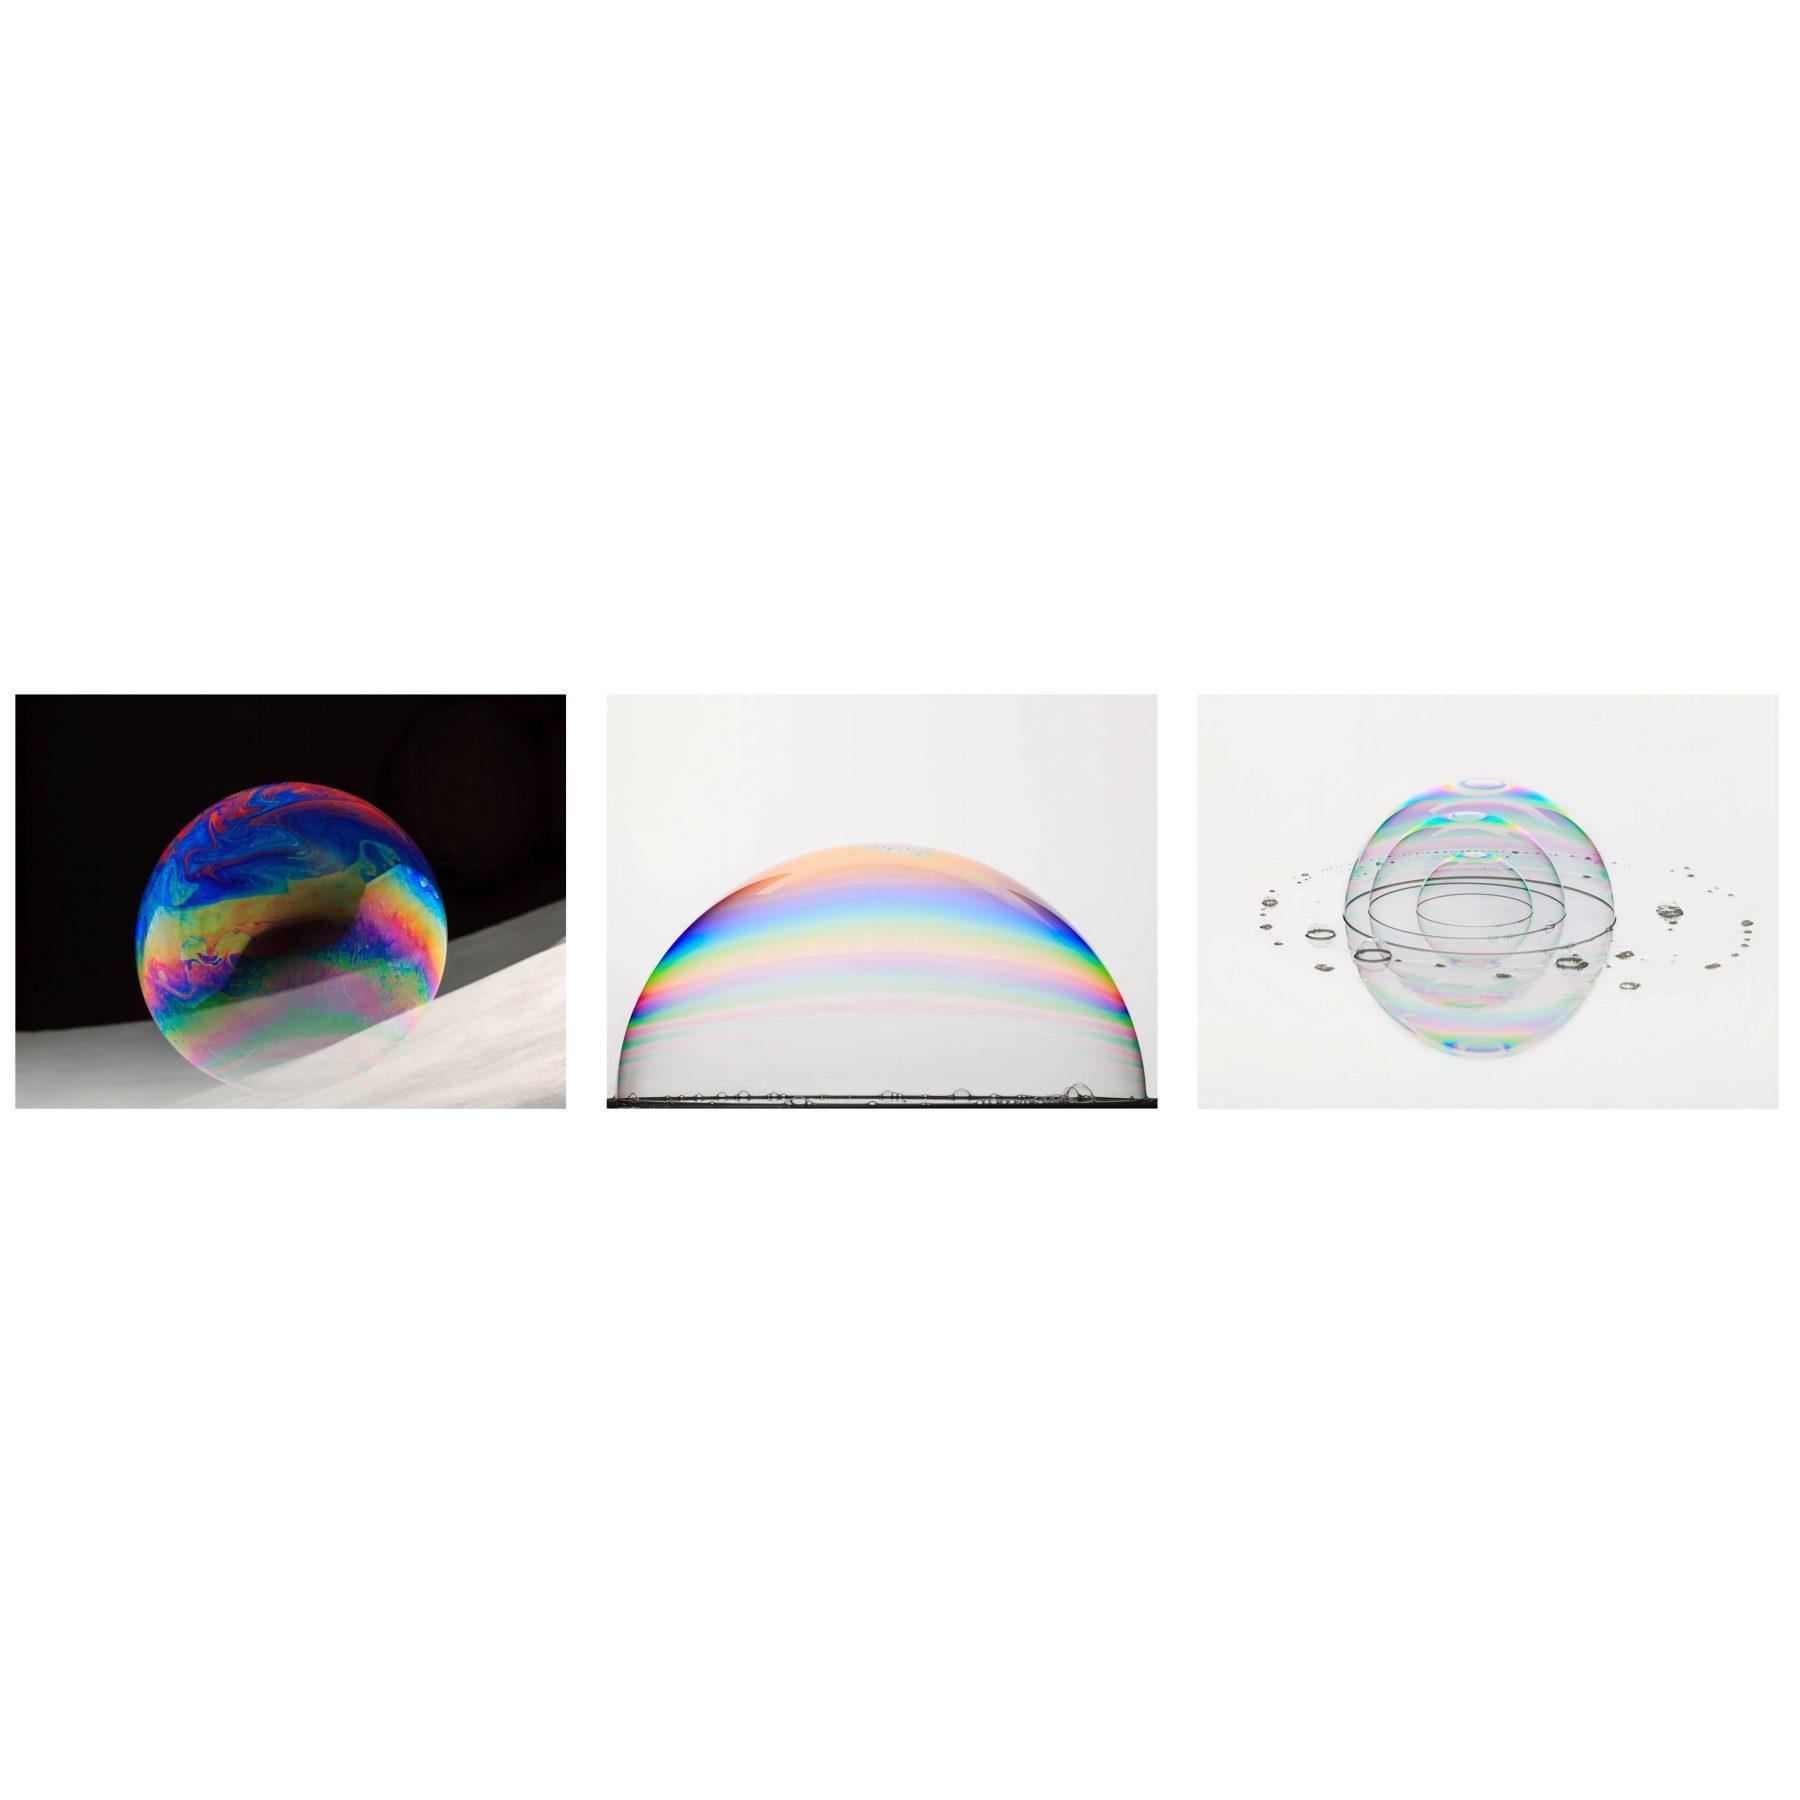 Bubblerise